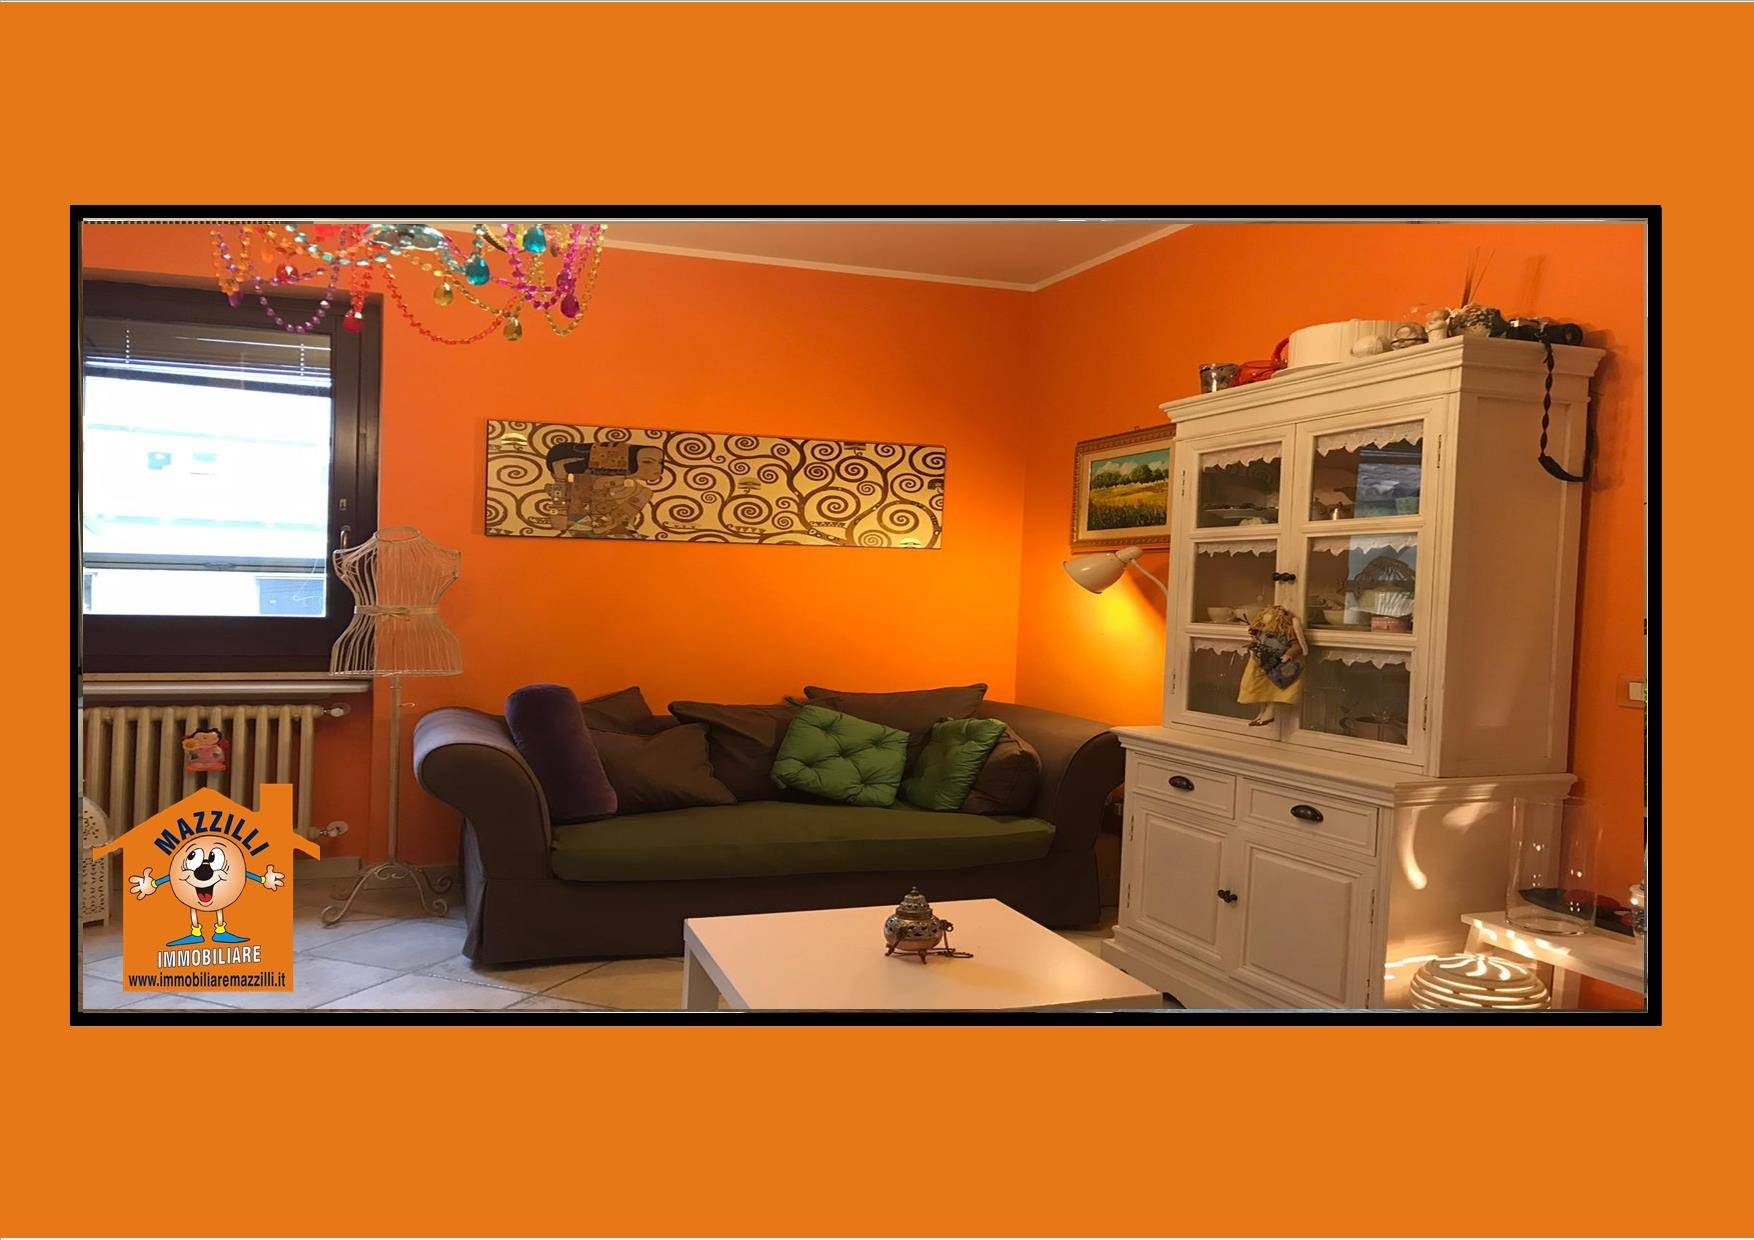 Appartamento in vendita a Potenza, 2 locali, zona ro storico, prezzo € 78.000 | PortaleAgenzieImmobiliari.it